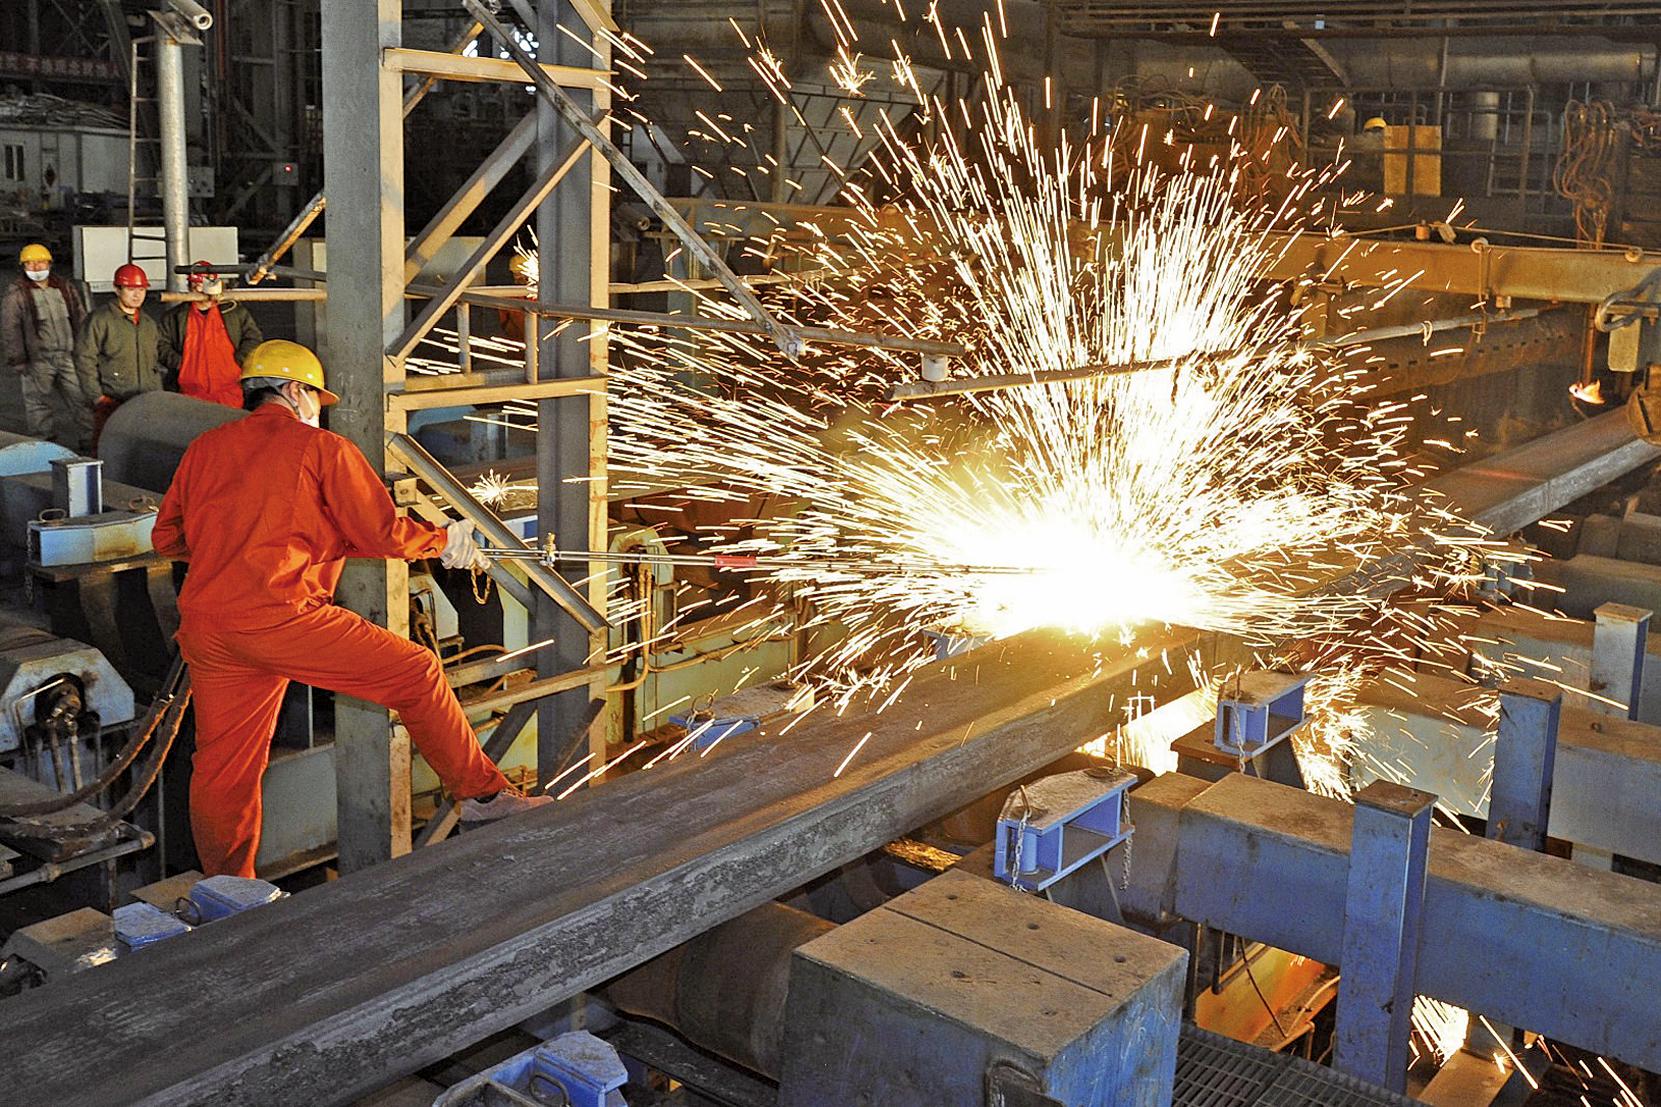 《華爾街日報》報道,中國的鋼鐵產量佔全球總產量約一半,以低於成本的價格在全球市場傾銷,導致多國出現鋼廠倒閉潮的行為,一直受到國際社會指責。(網絡圖片)